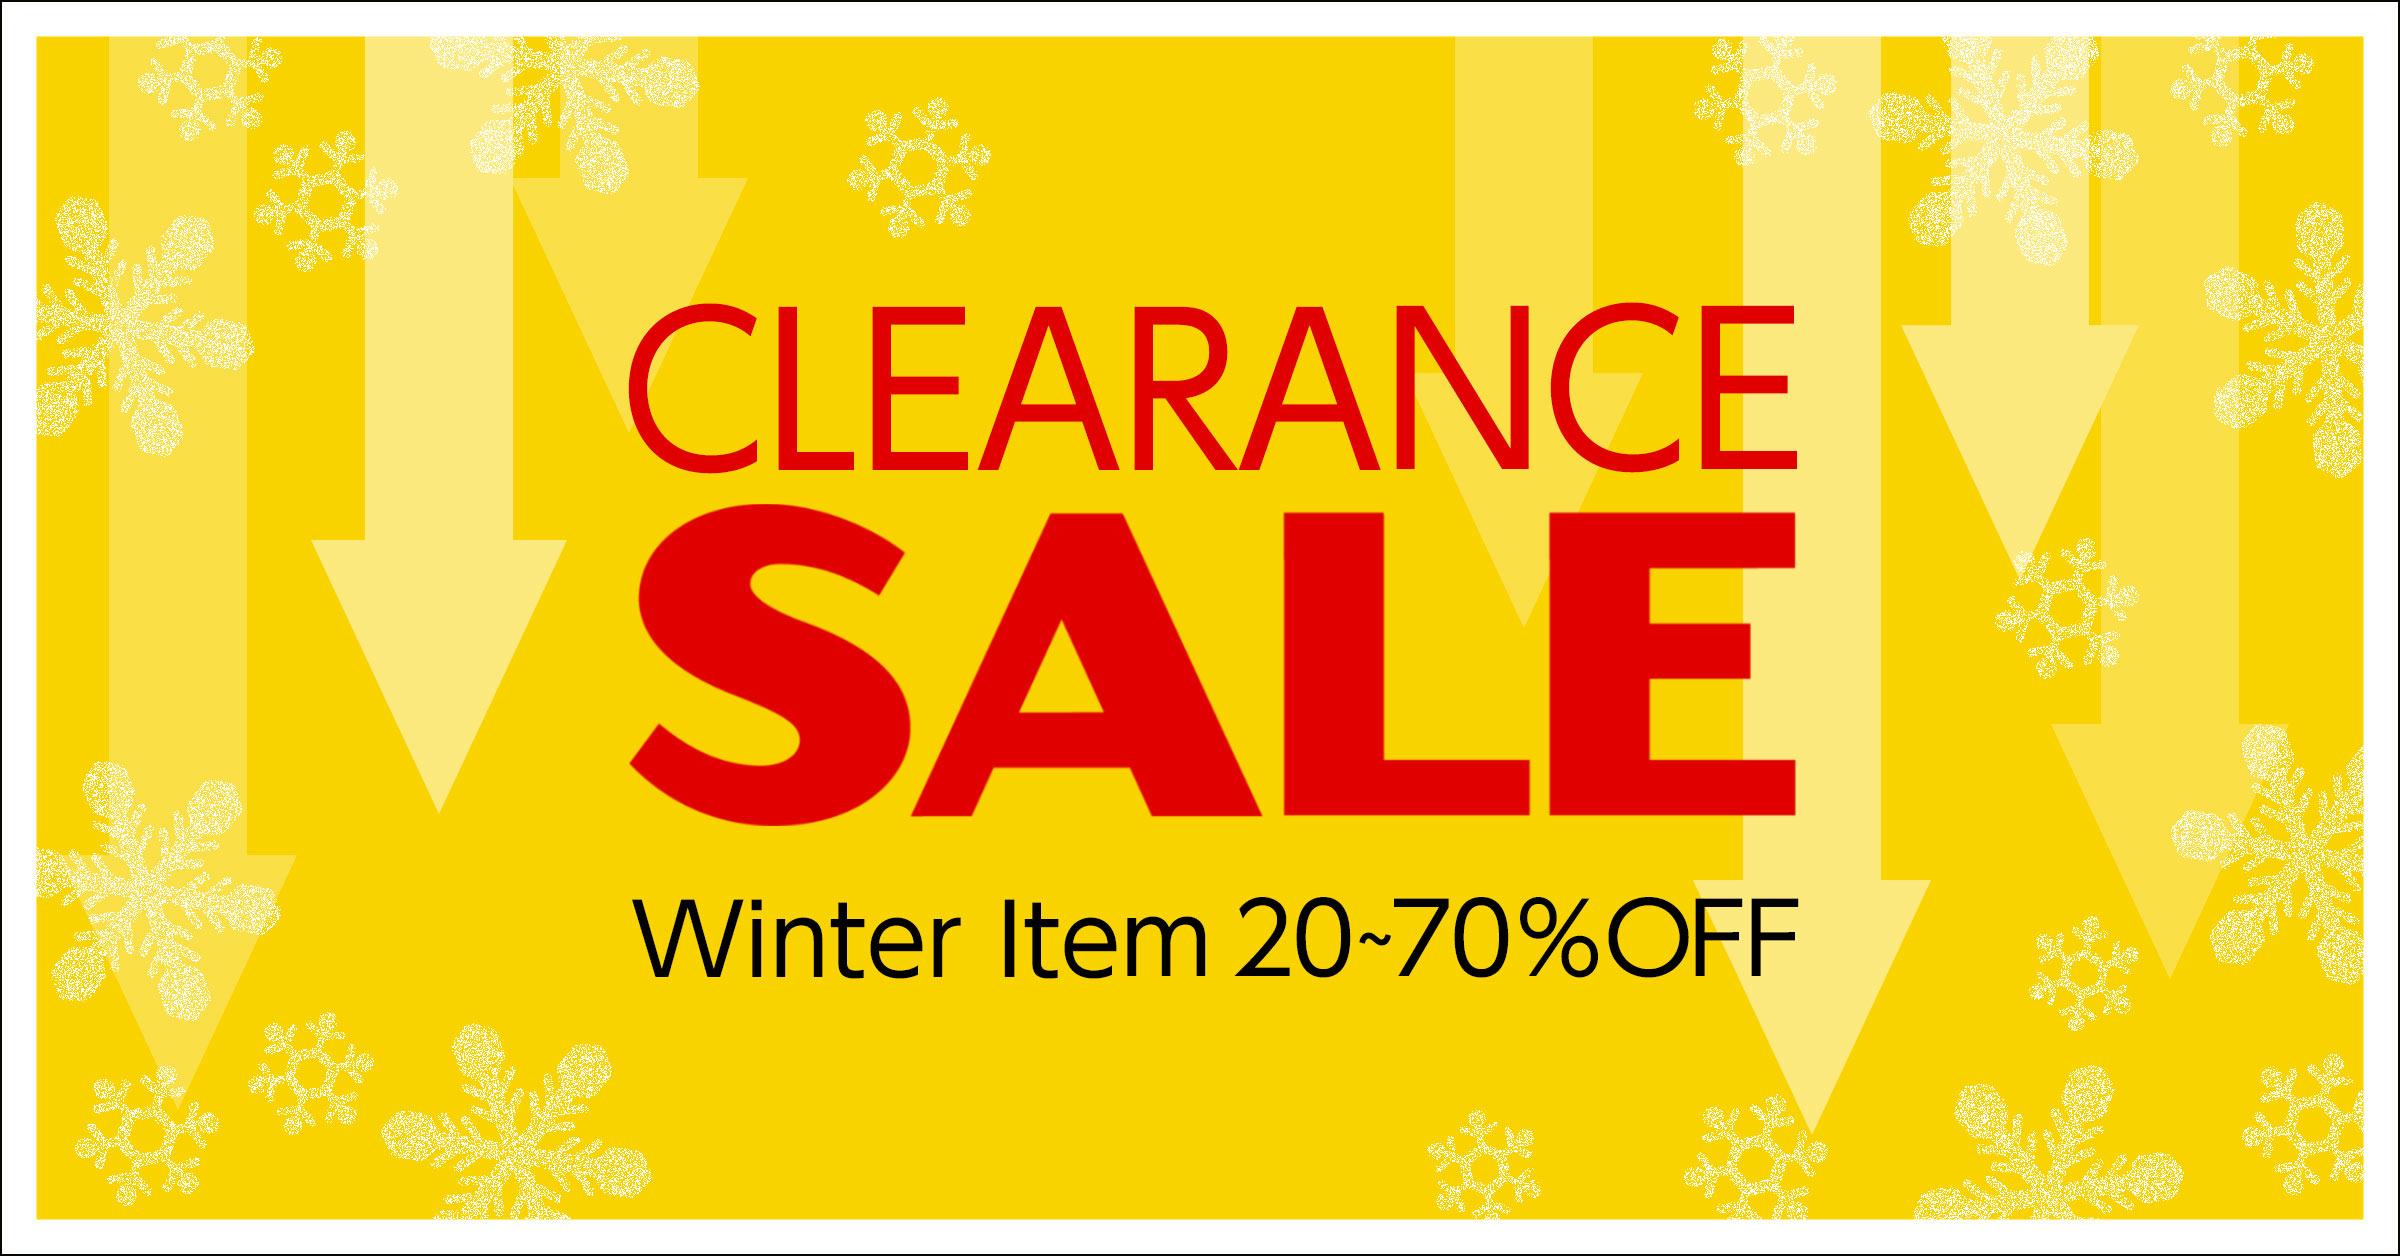 タカキューオンラインショップクリアランスセール 冬物商品20~70% OFF